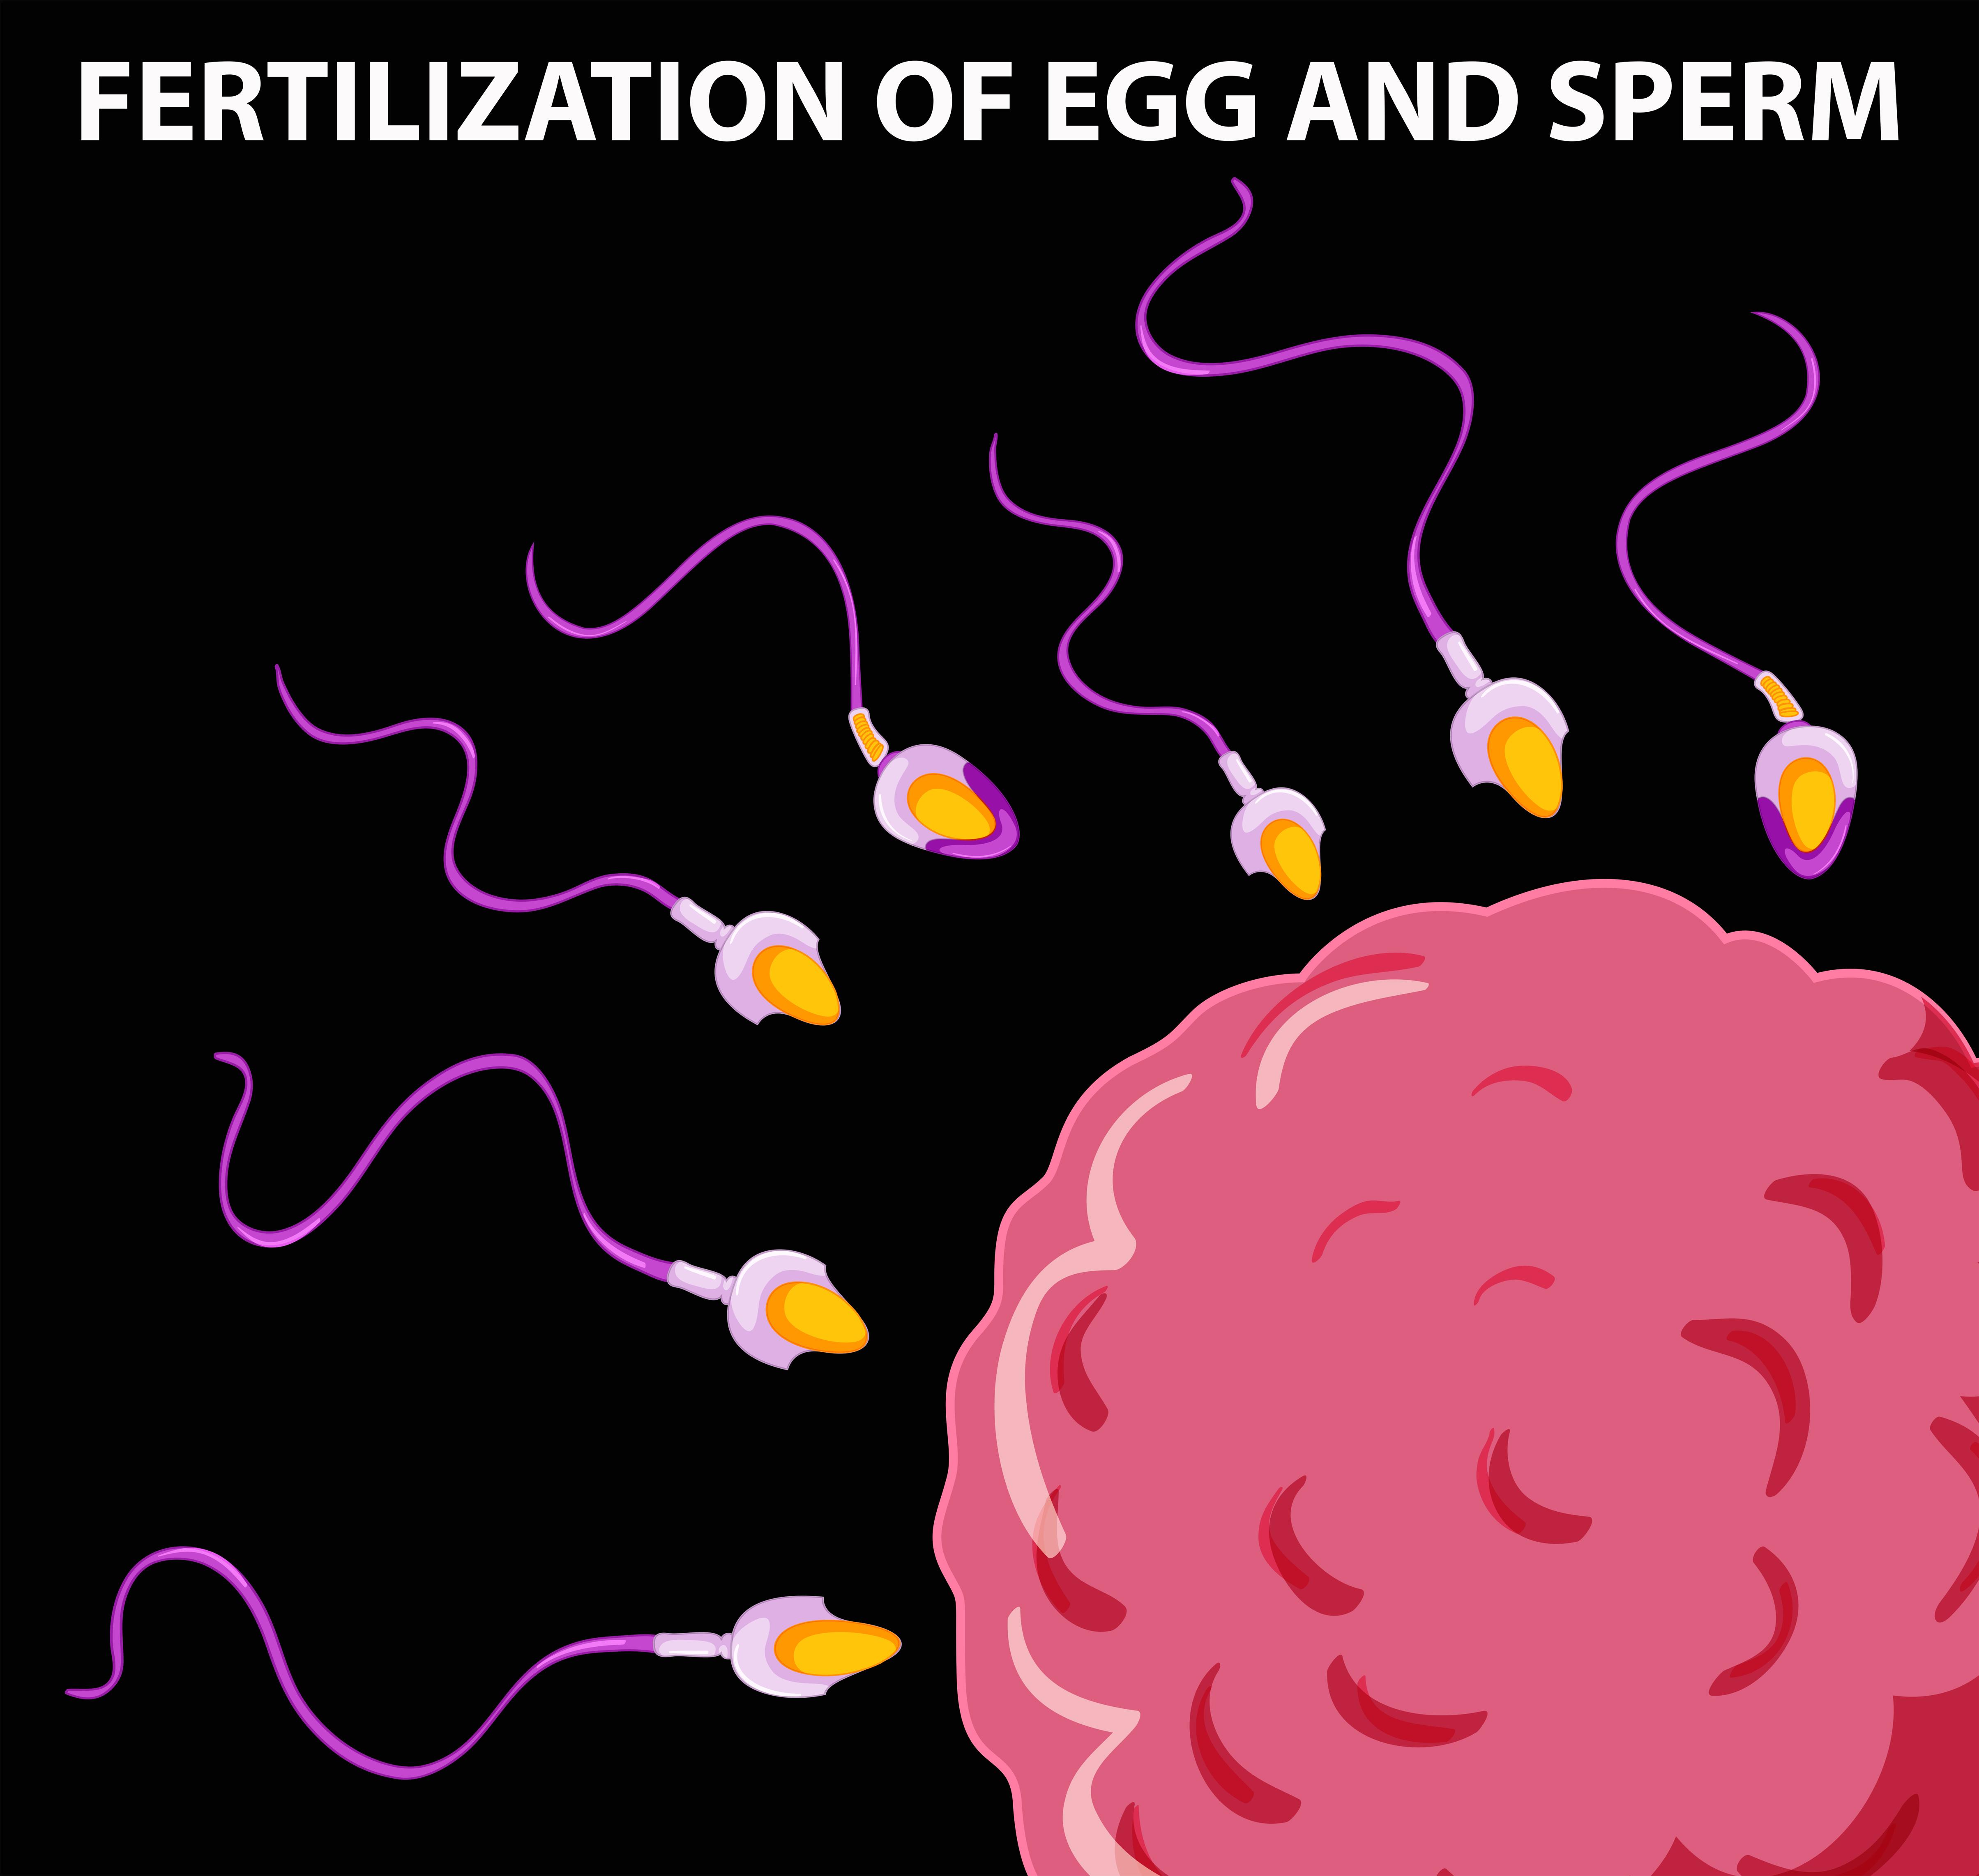 Diagram of sperm fertilizing an egg